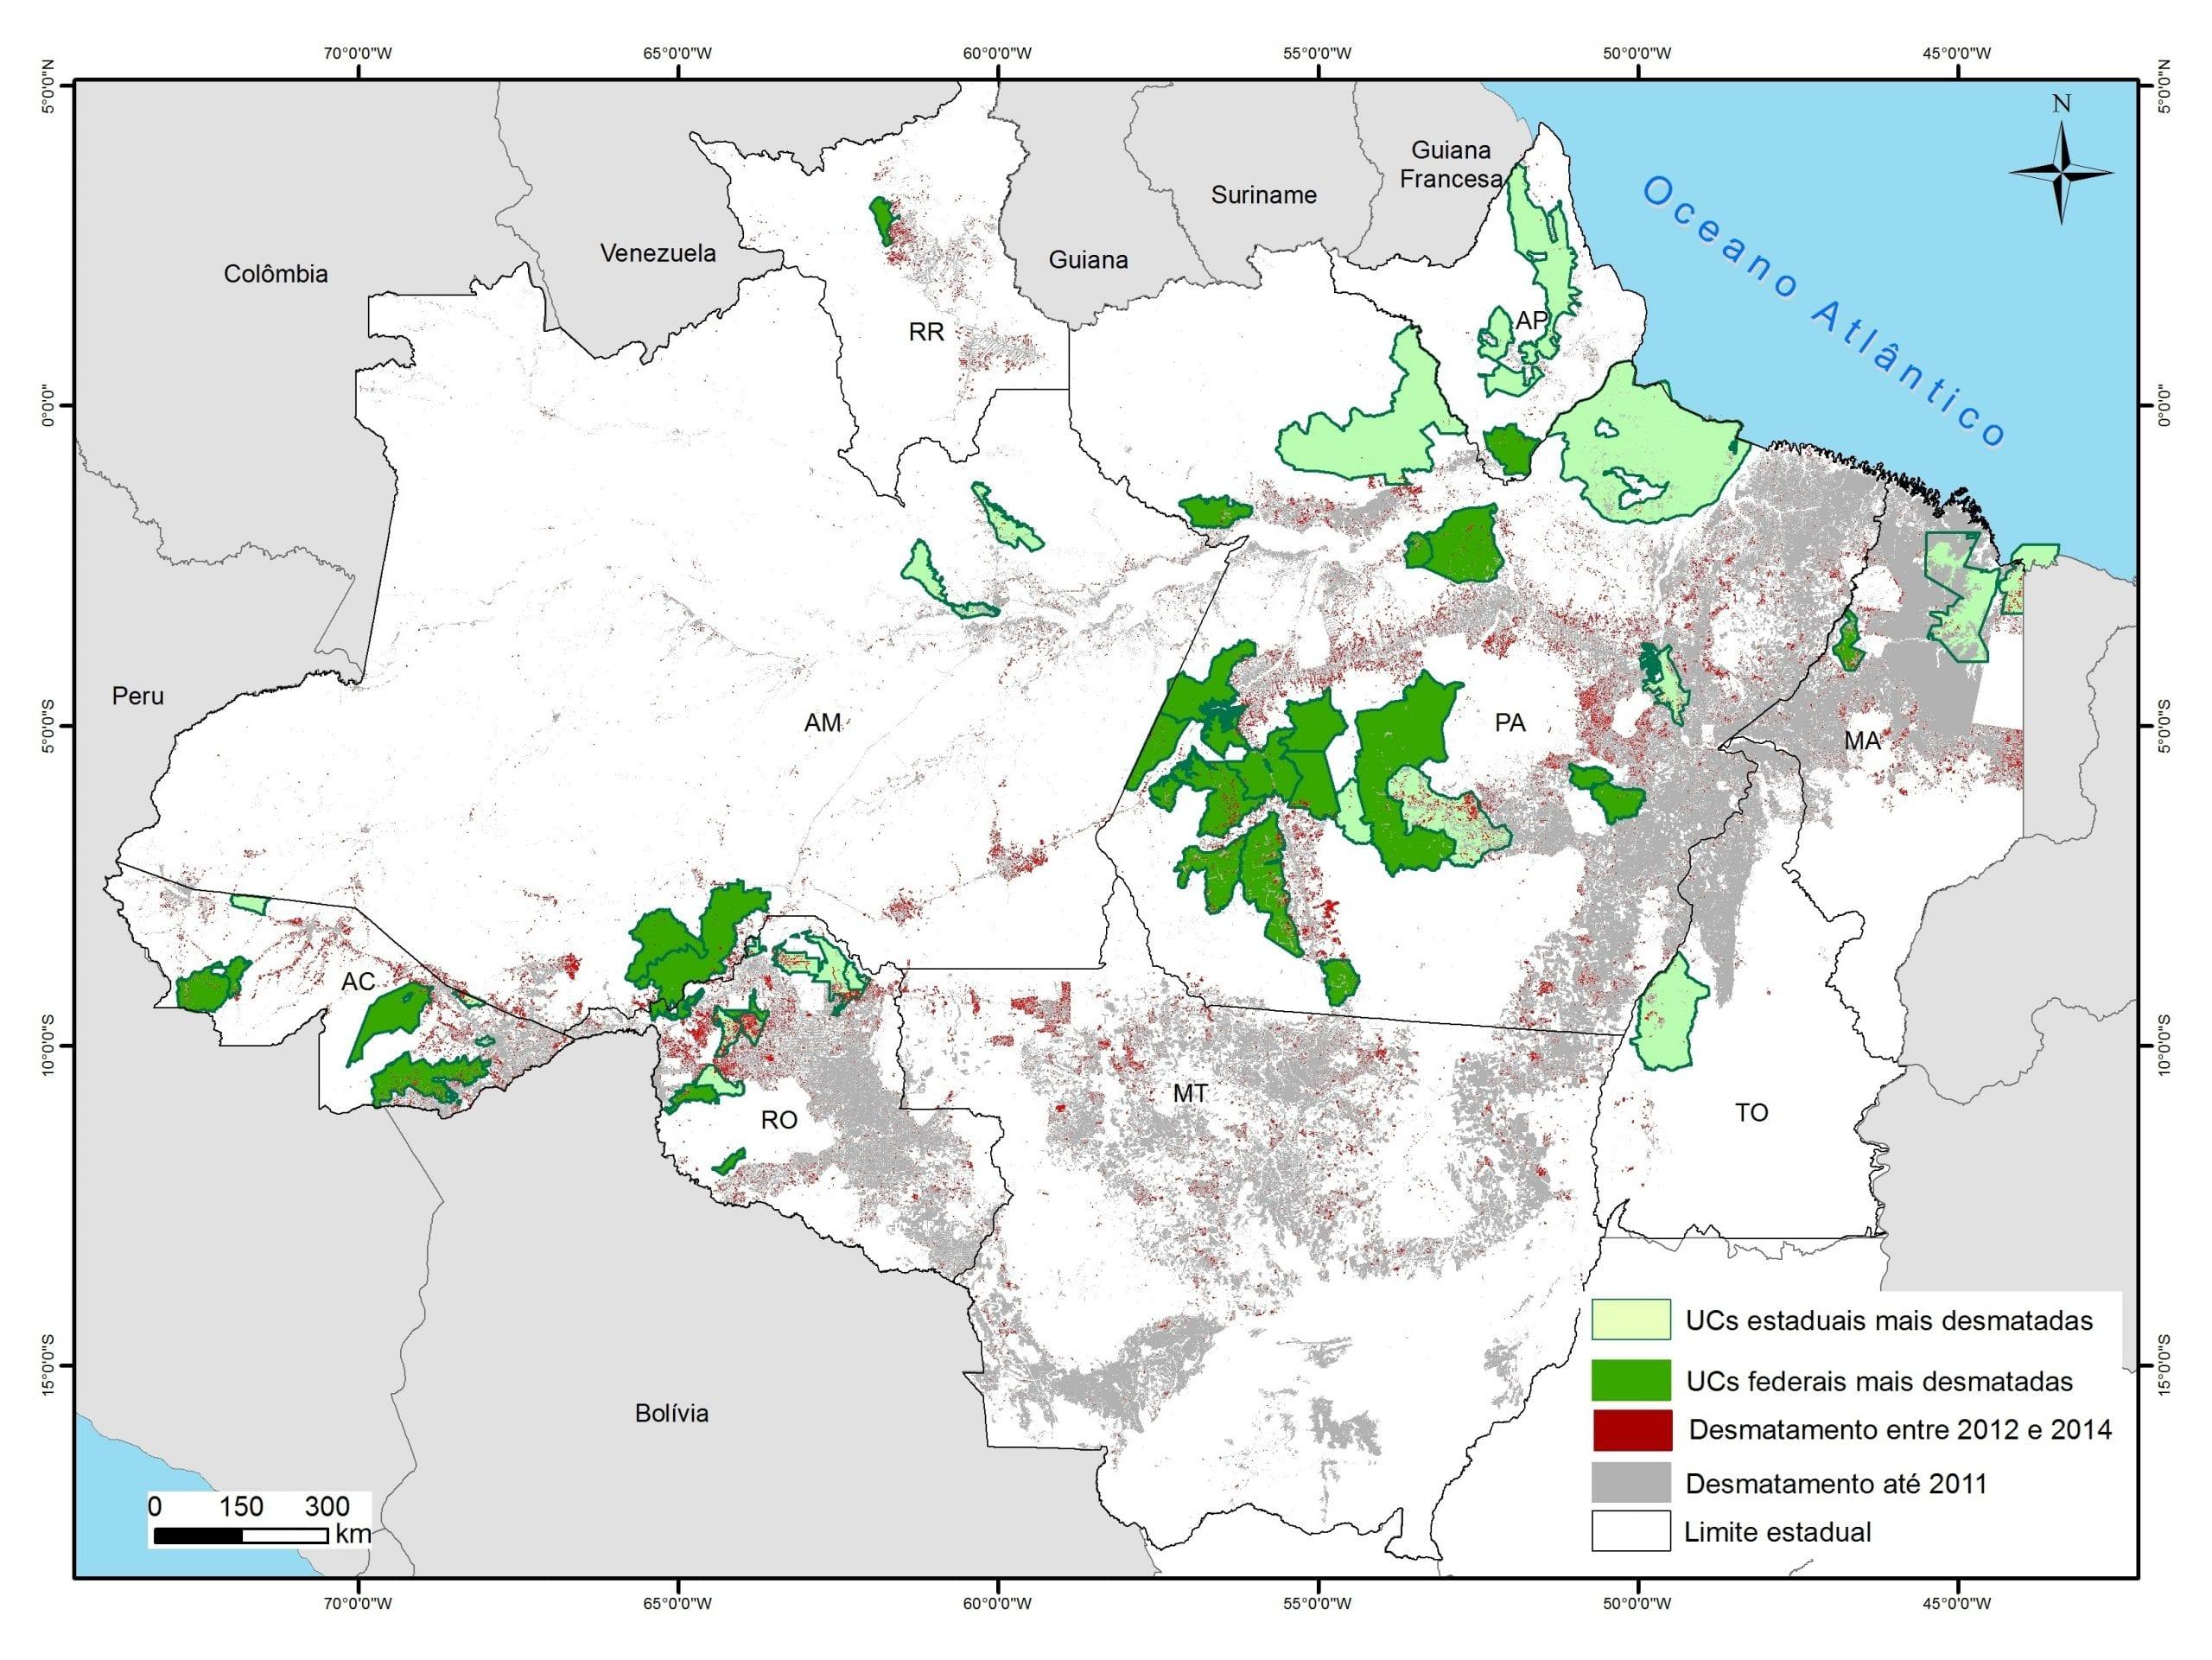 Mapa UCs criticas 2012 2014vermelho 300dpi corrigido - 50 Unidades de Conservação com maior desmatamento na Amazônia entre 2012 e 2014